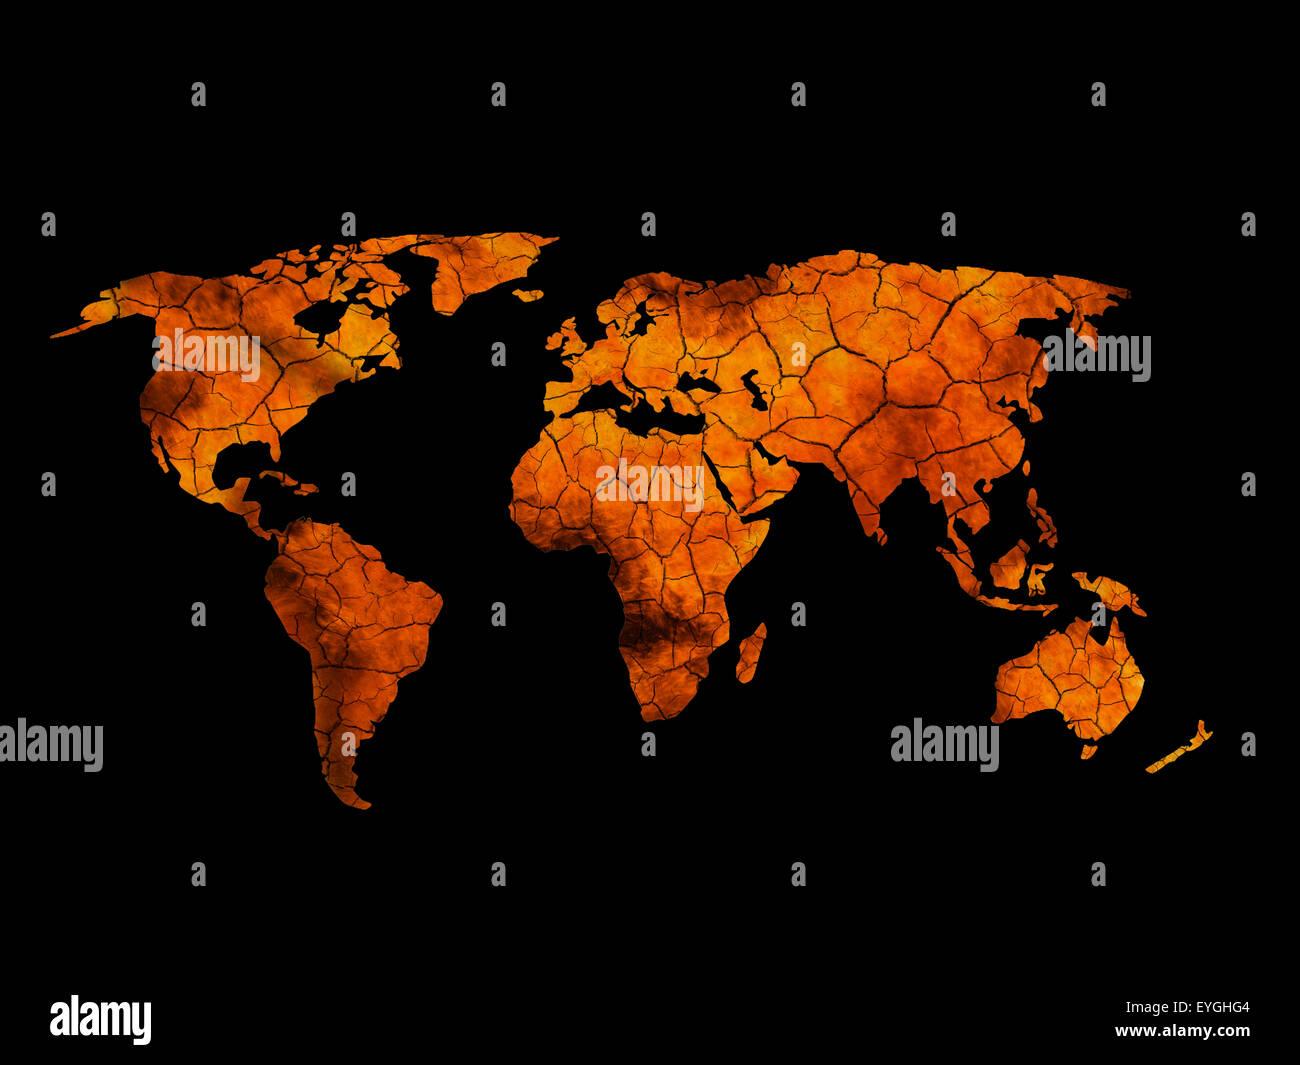 È incrinata e terra bruciata mappa del mondo. Immagini Stock